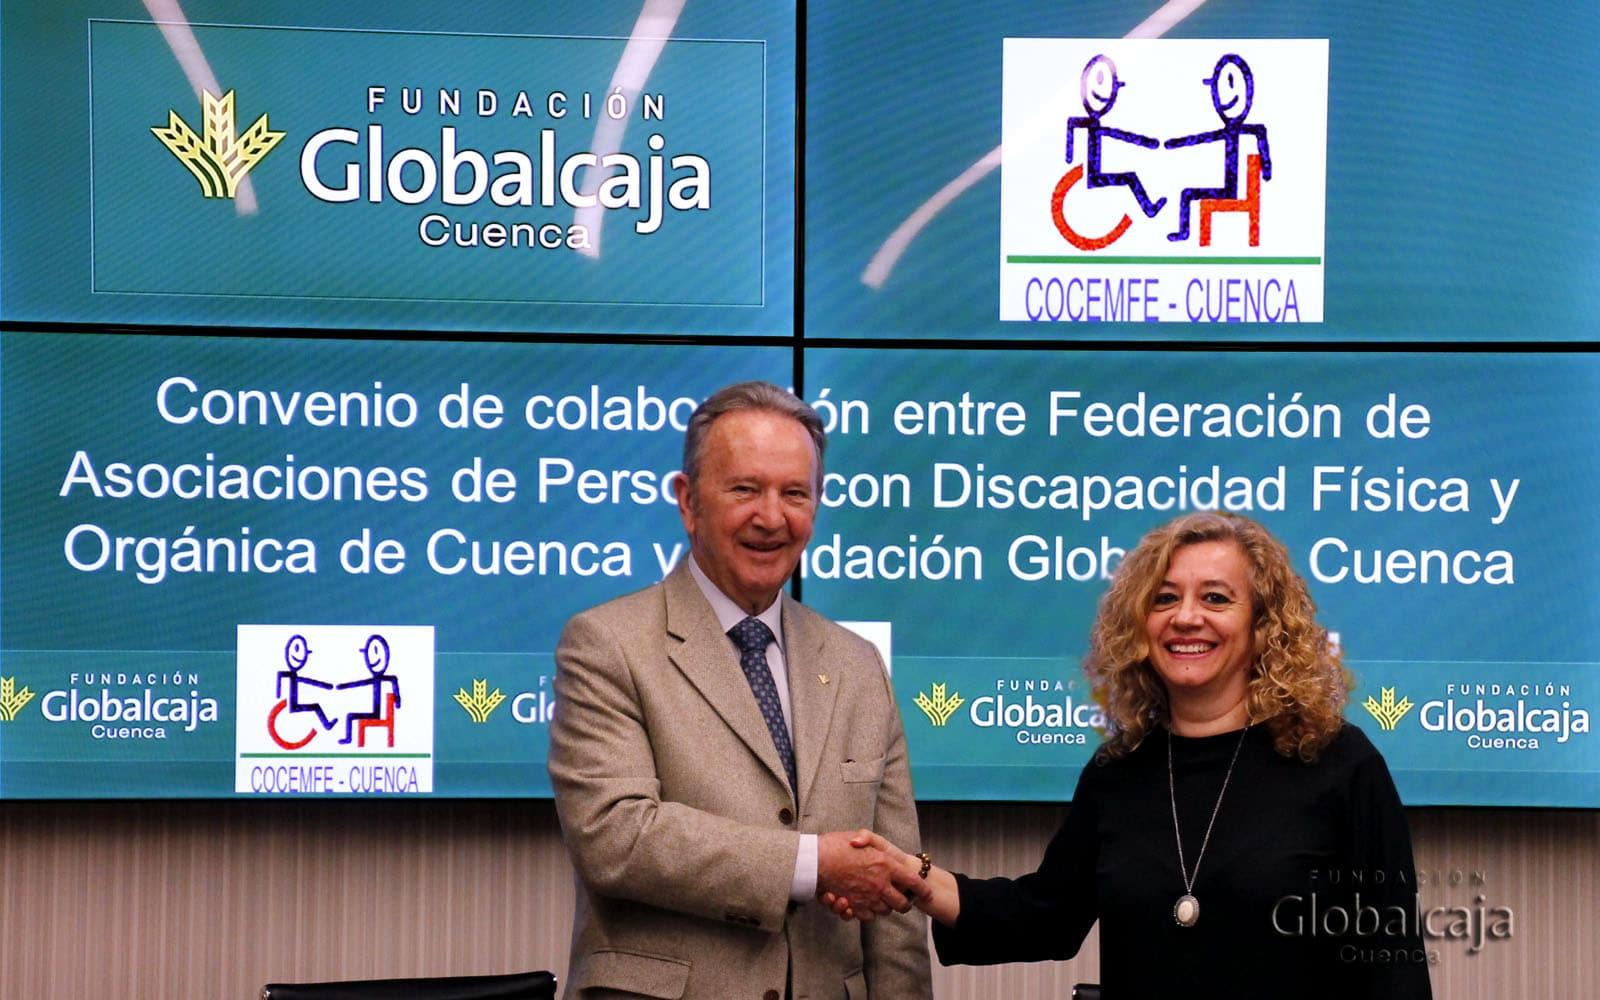 COCEMFE y la Fundación Globalcaja Cuenca renuevan su colaboración